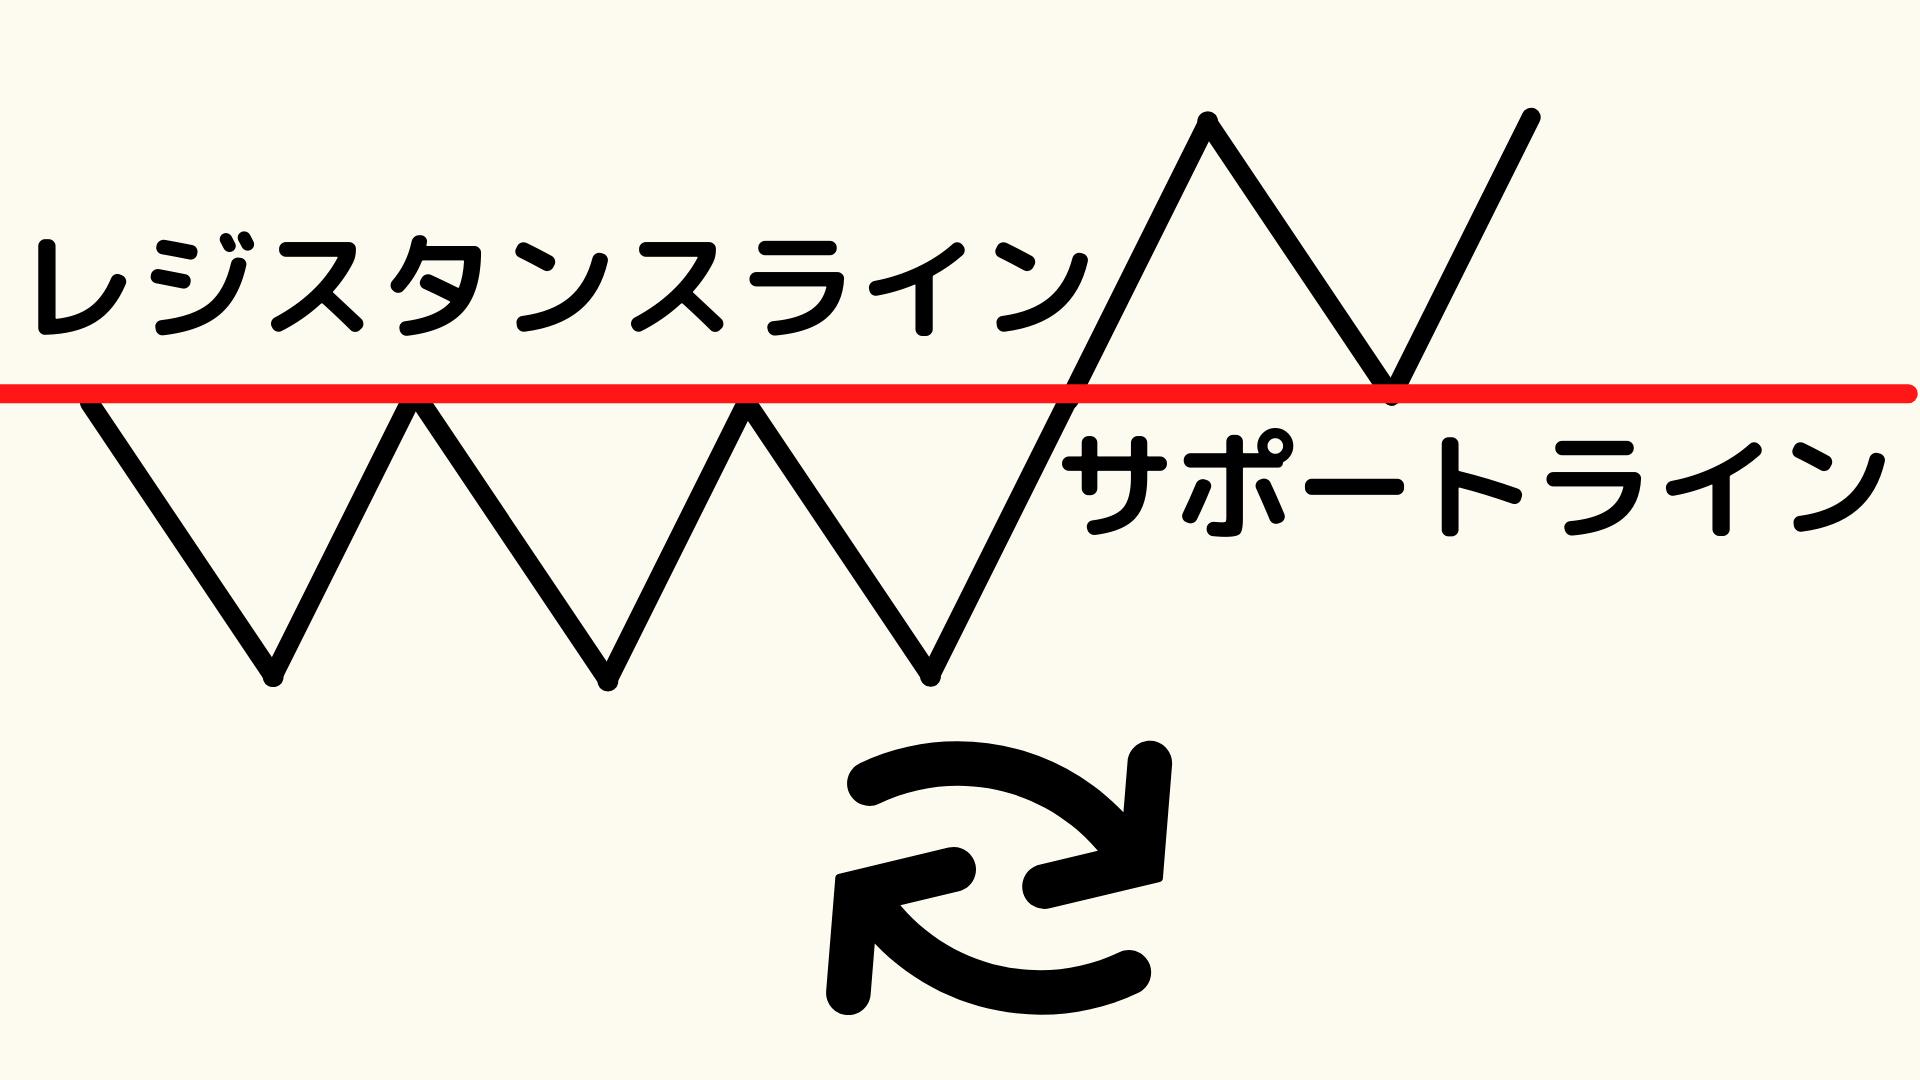 ロールリバーサルを活用したトレード方法を解説【勝率高く取引できる手法】